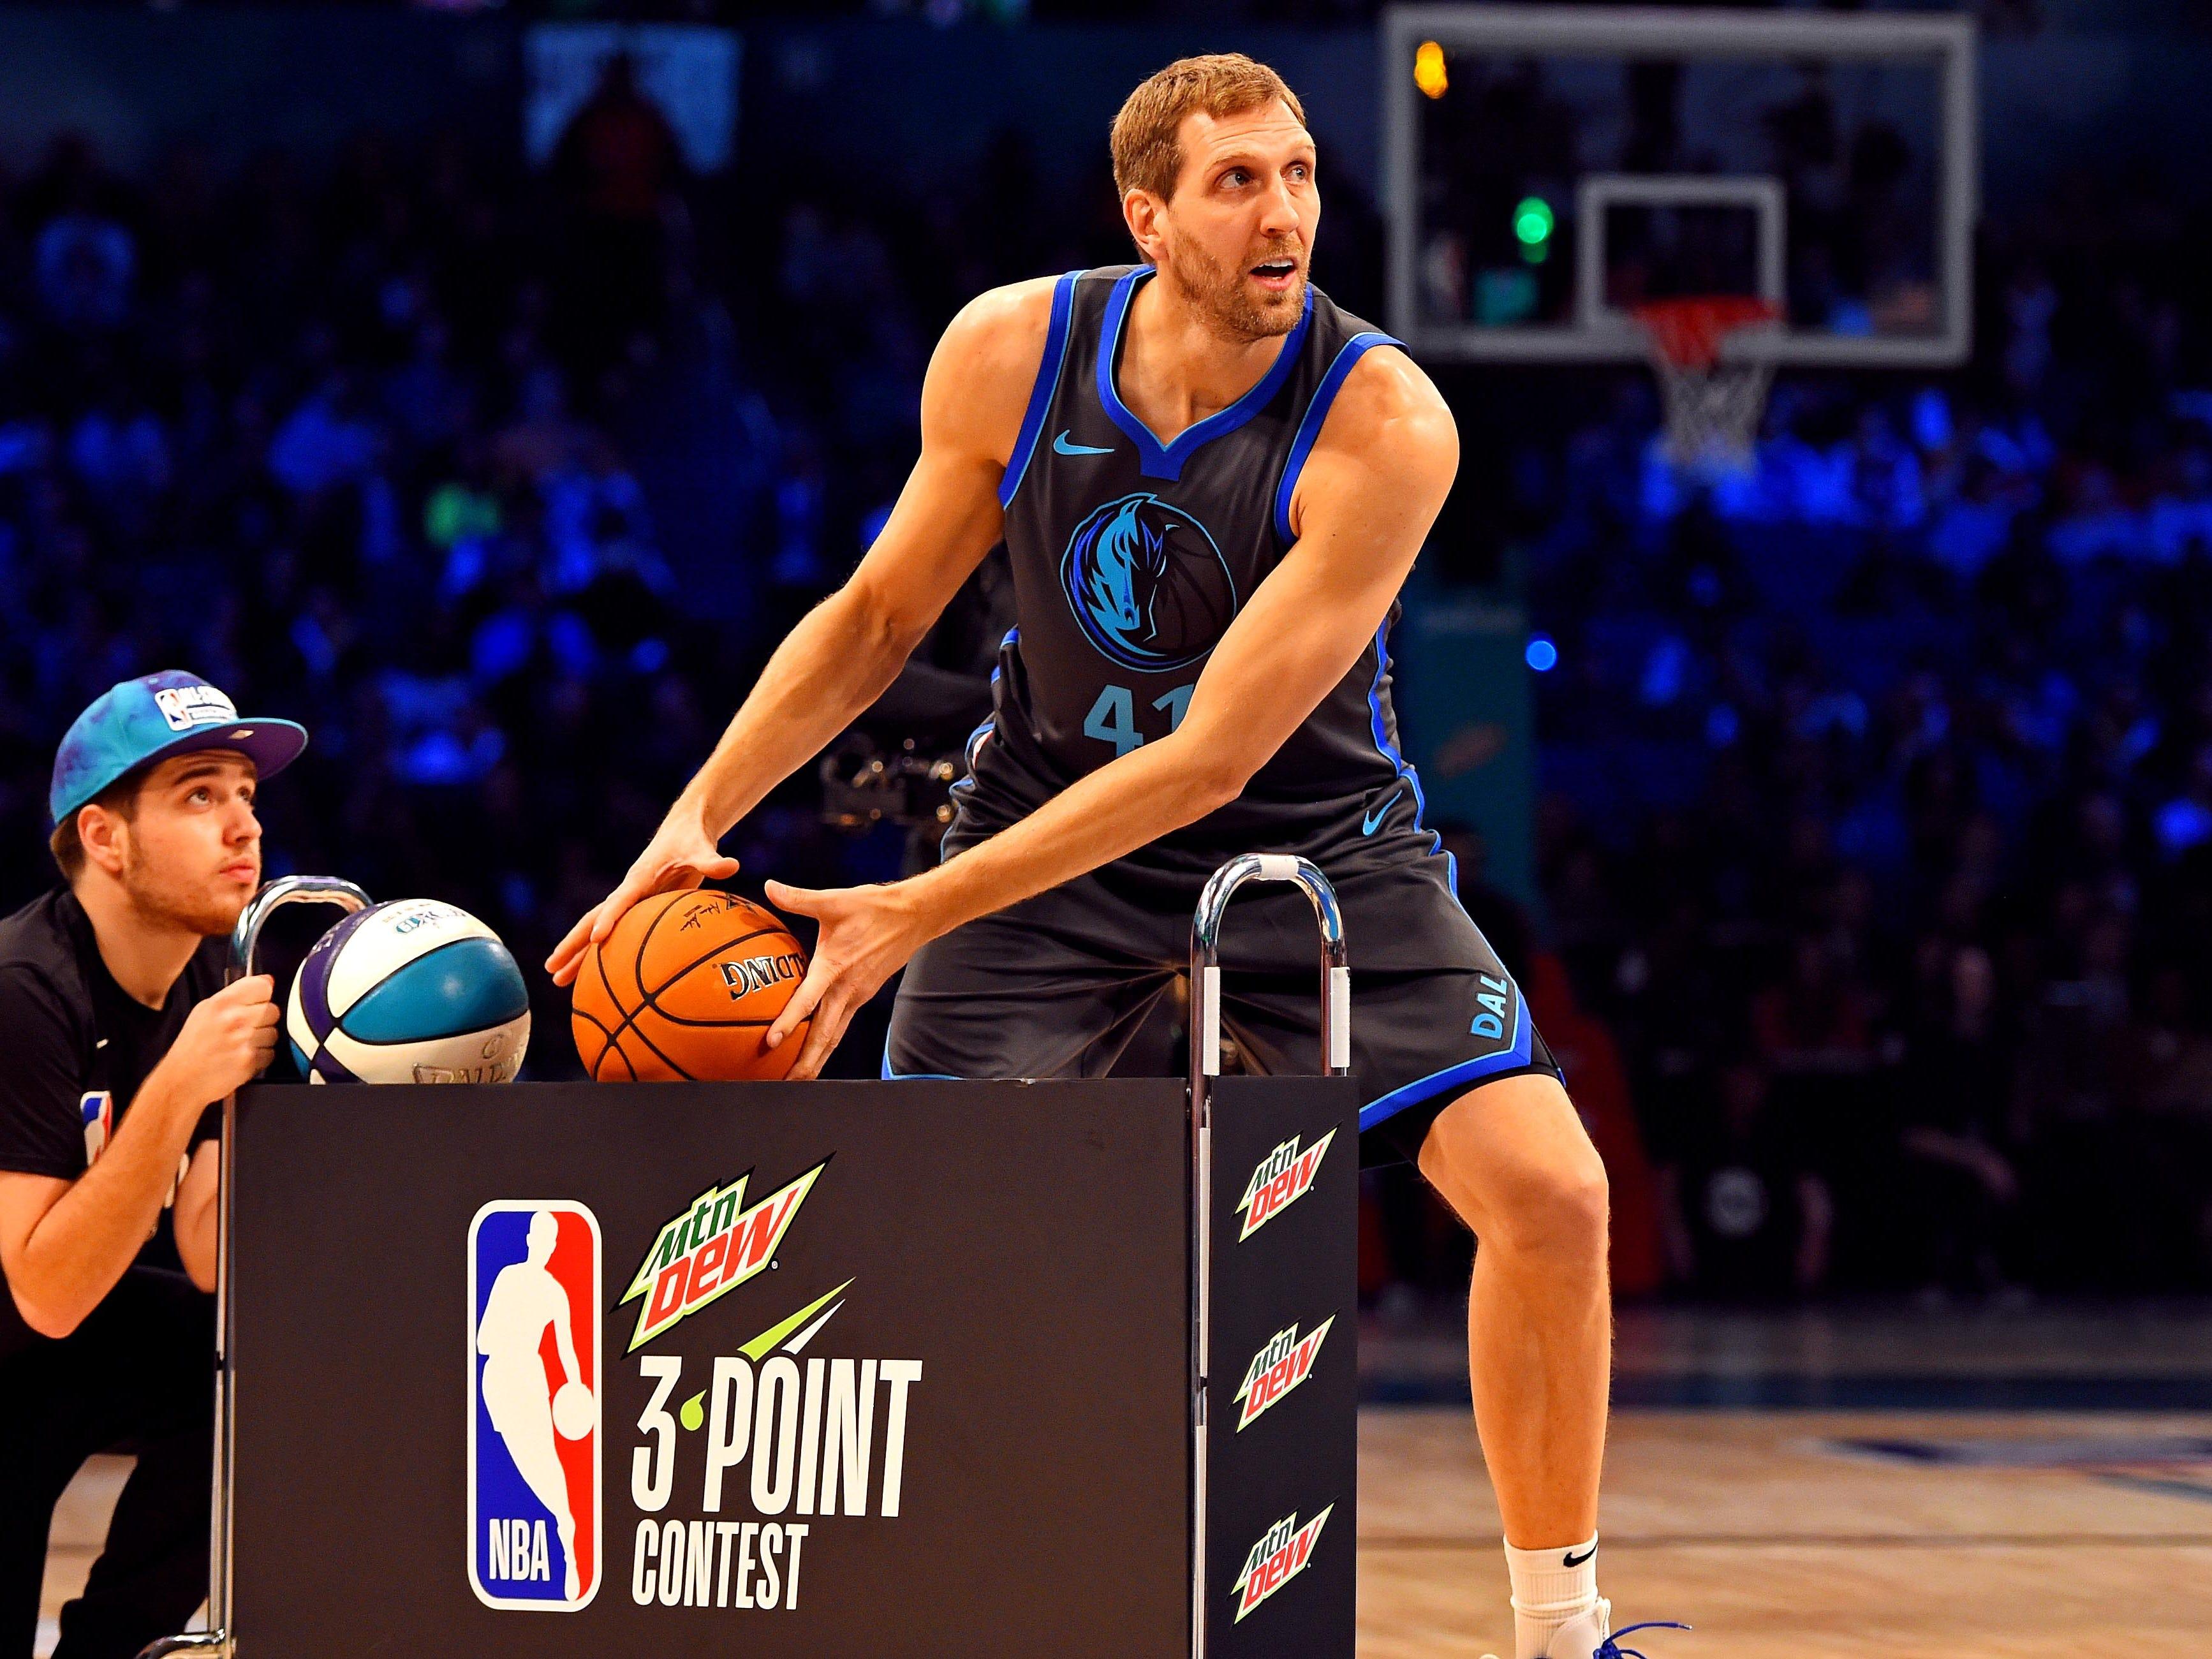 Dirk Nowitzki in the 3-Point Contest.